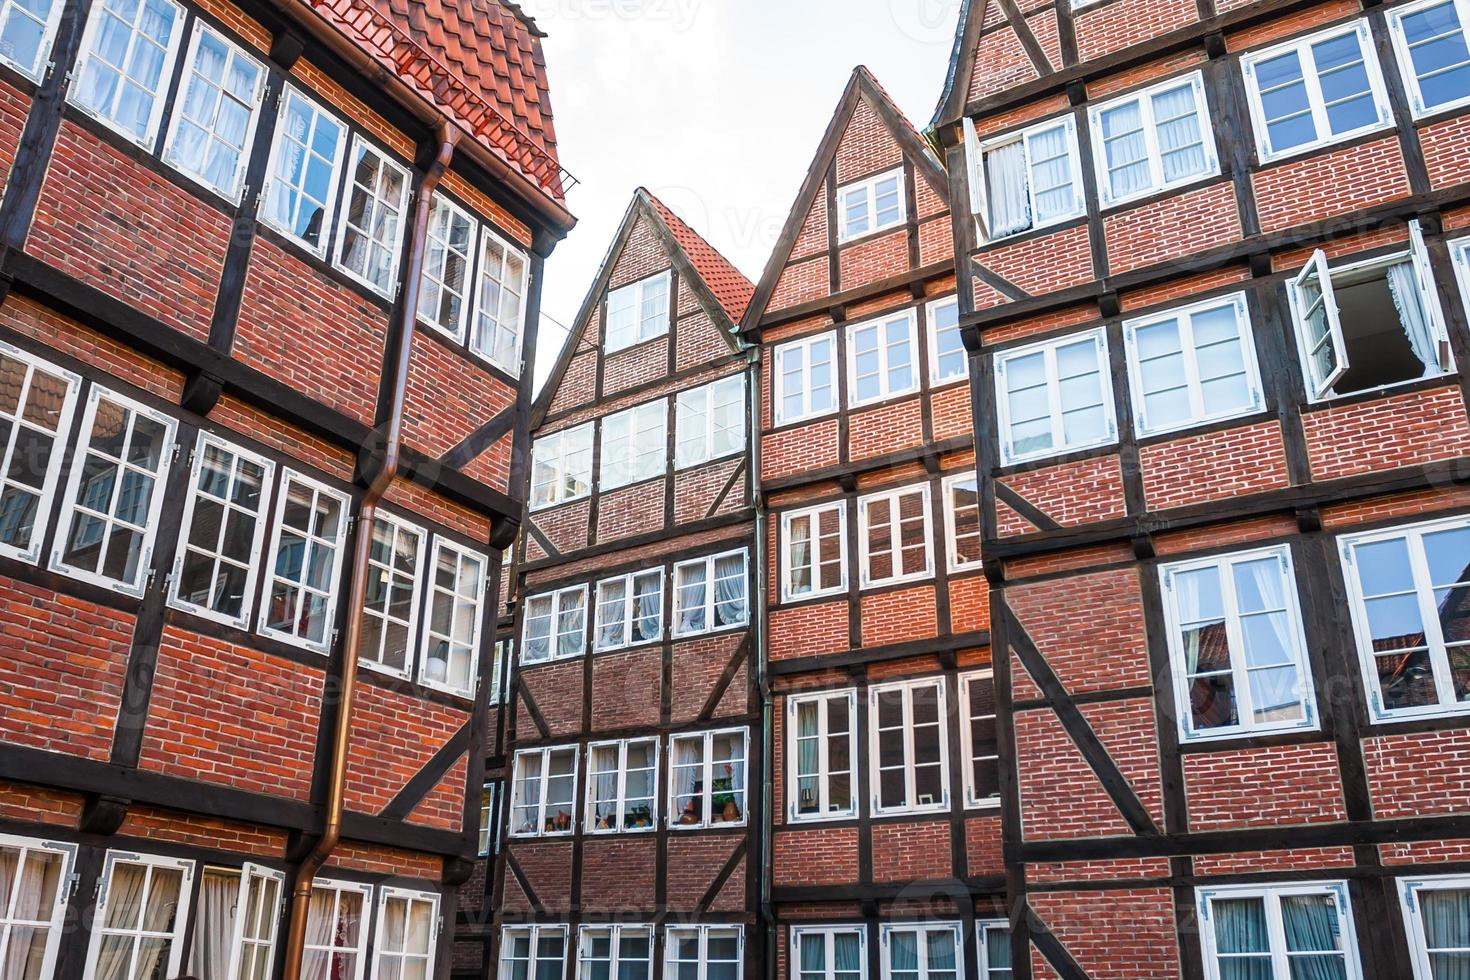 case rosse rivestite di mattoni nel centro storico di amburgo foto